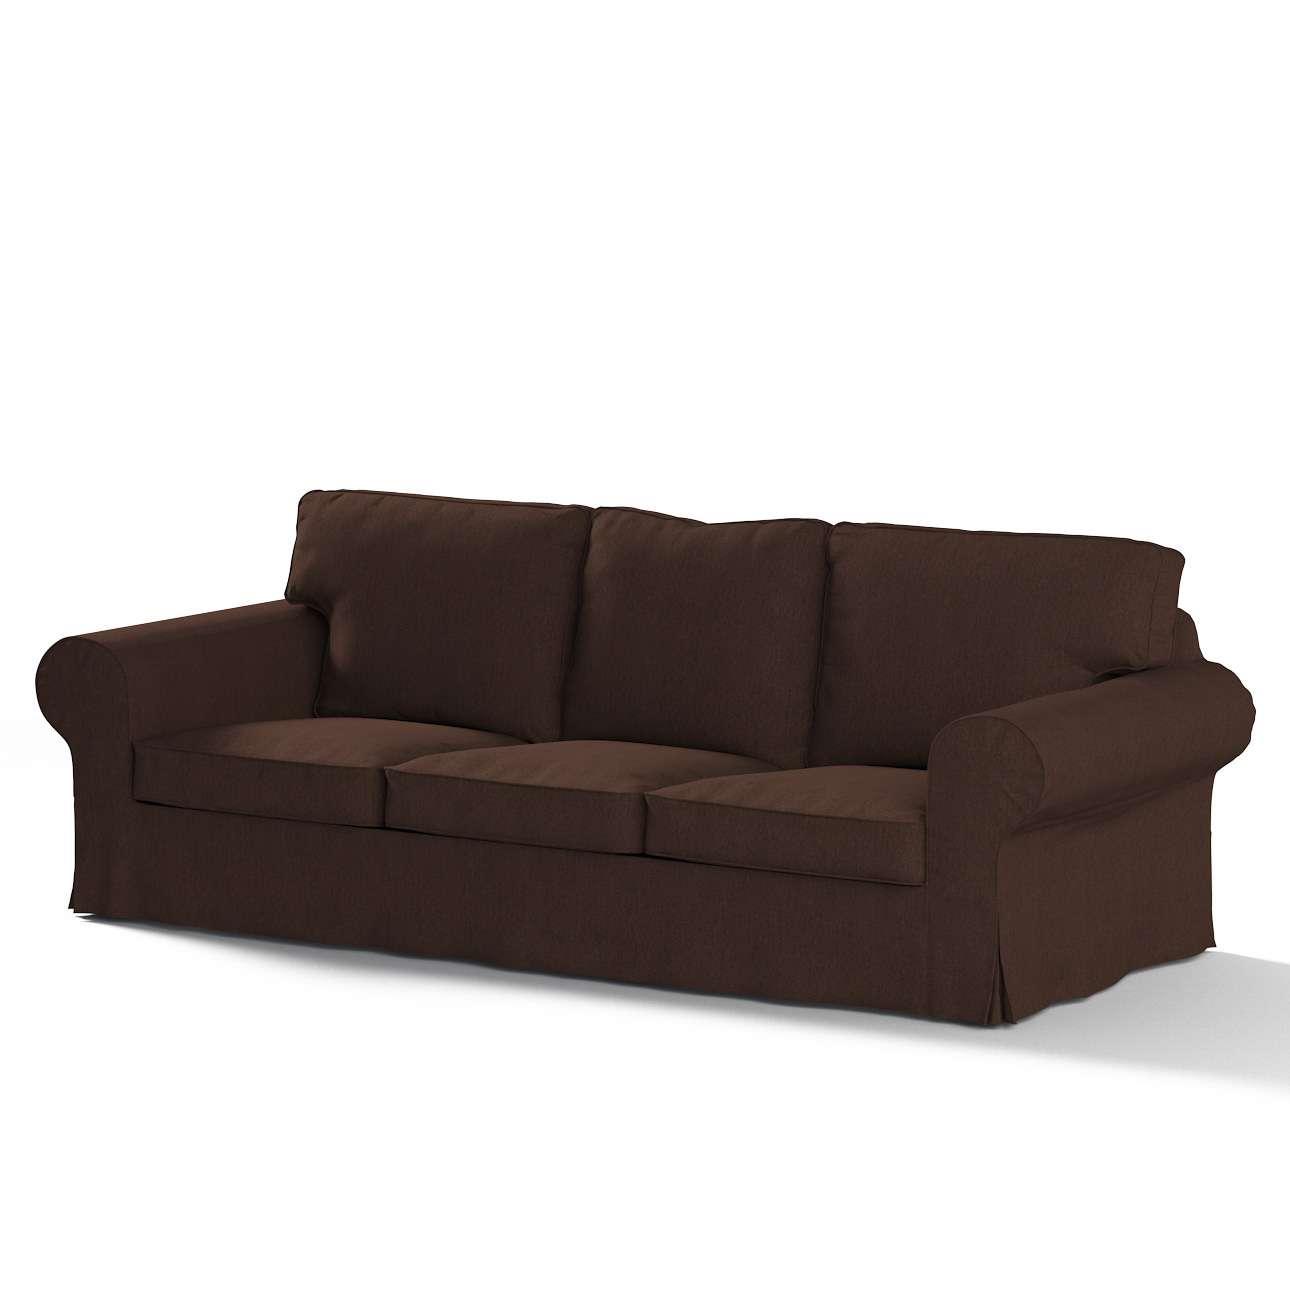 Ektorp 3 sæder Betræk uden sofa fra kollektionen Chenille, Stof: 702-18